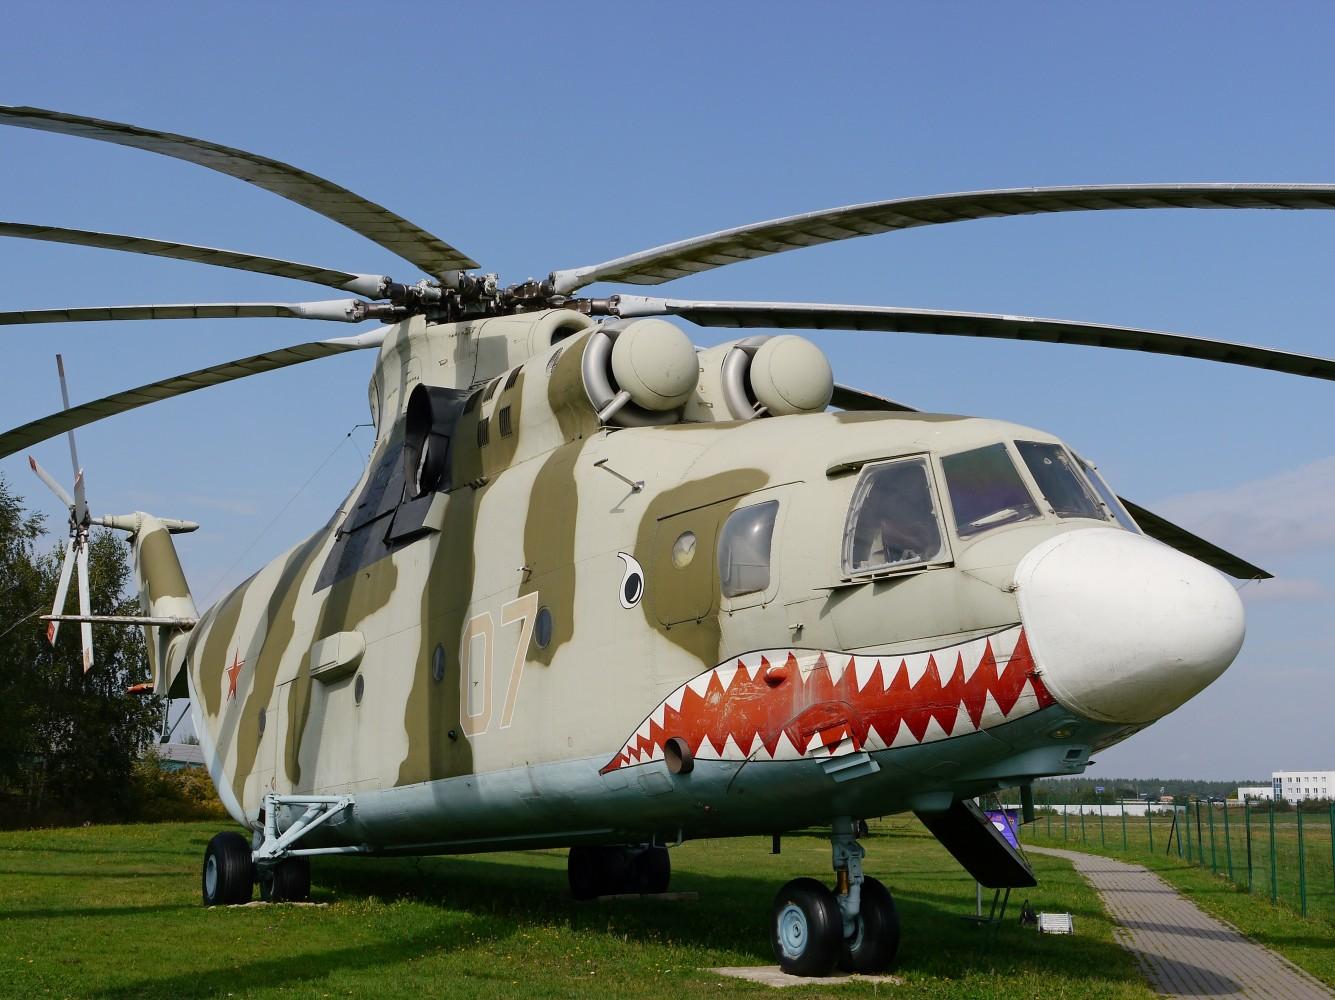 Kliknij obrazek, aby uzyskać większą wersję  Nazwa:Mi-26.jpg Wyświetleń:91 Rozmiar:267,8 KB ID:232443